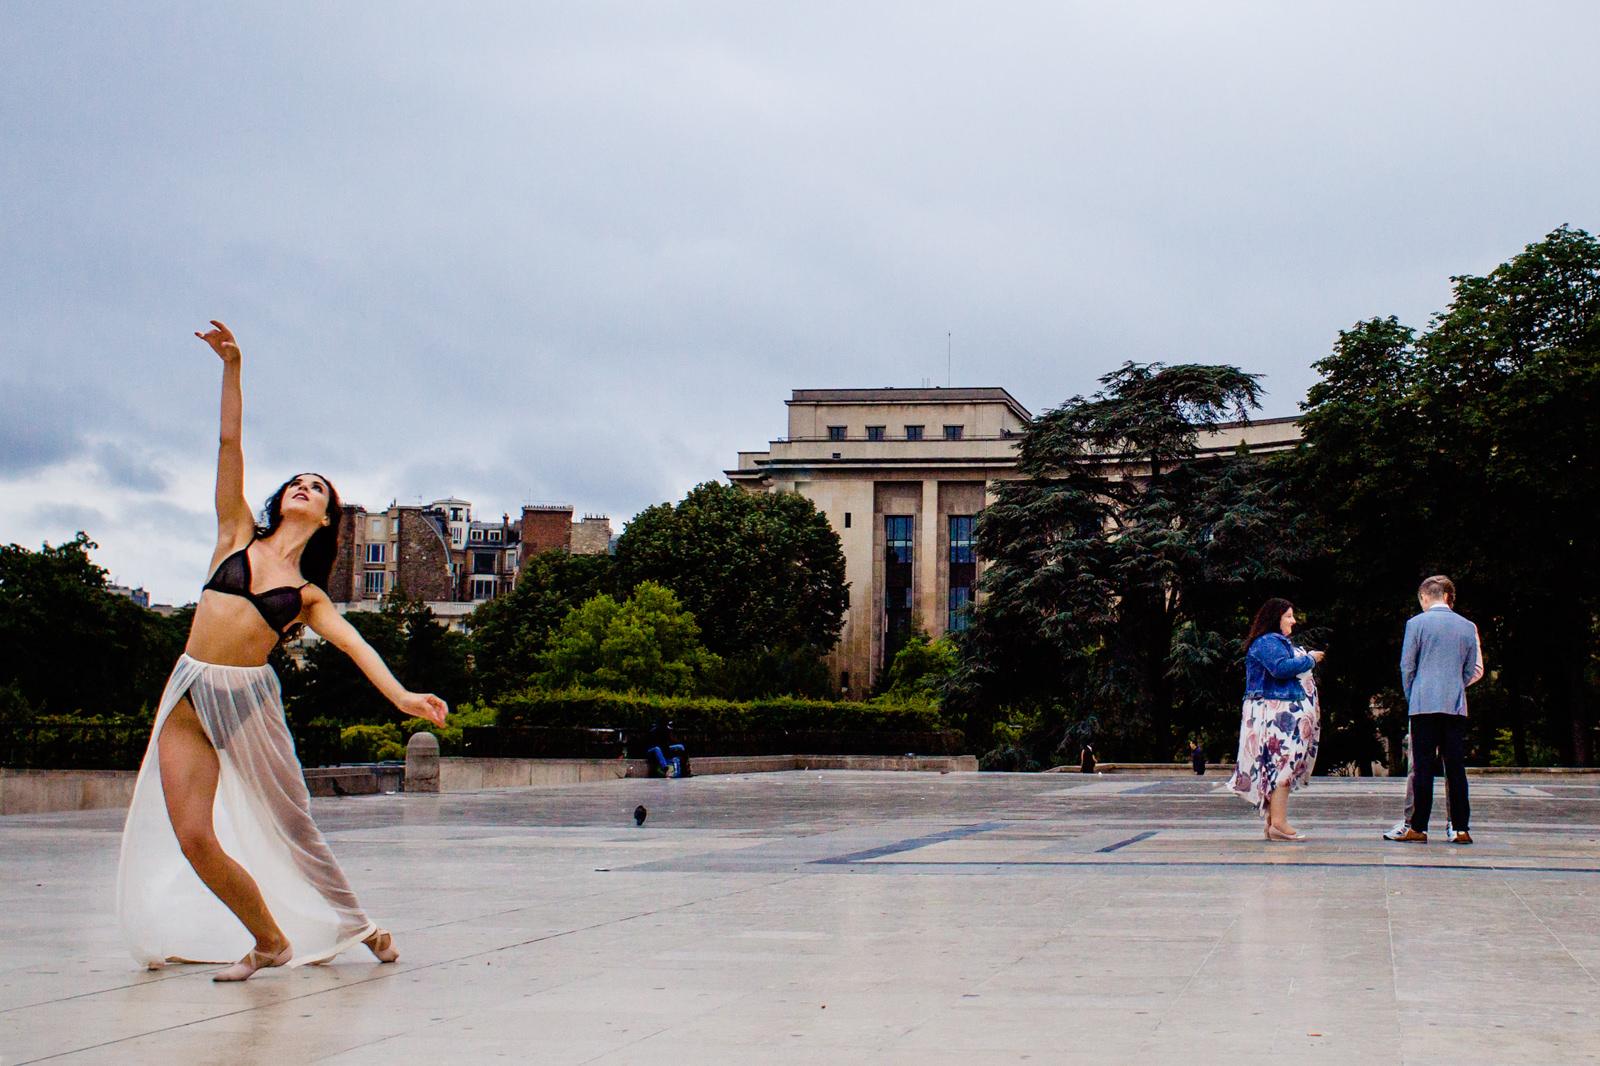 Tanzeinlage bei freier Trauung von Trautante Friederike Delong auf einer Hochzeit am Eiffelturm in Paris fotografiert von Hochzeitsfotograf Steven Herrschaft aus Wiesbaden